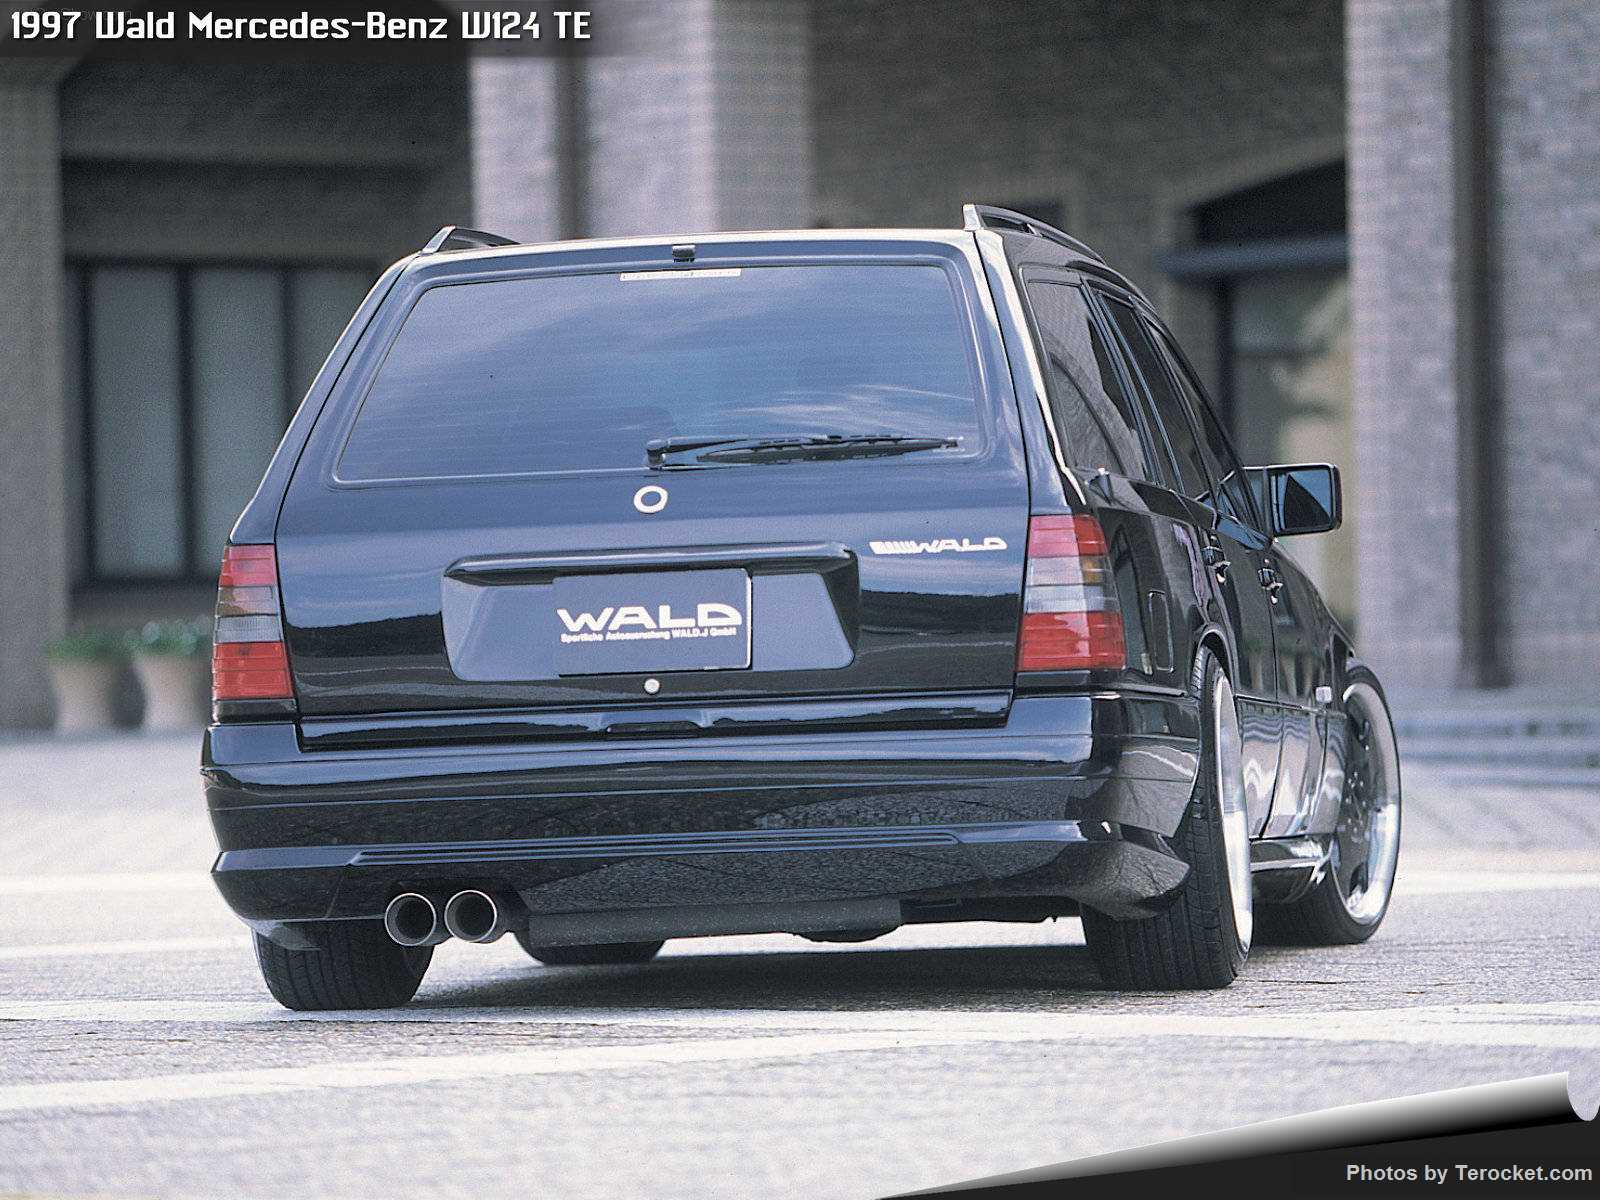 Hình ảnh xe độ Wald Mercedes-Benz W124 TE 1997 & nội ngoại thất